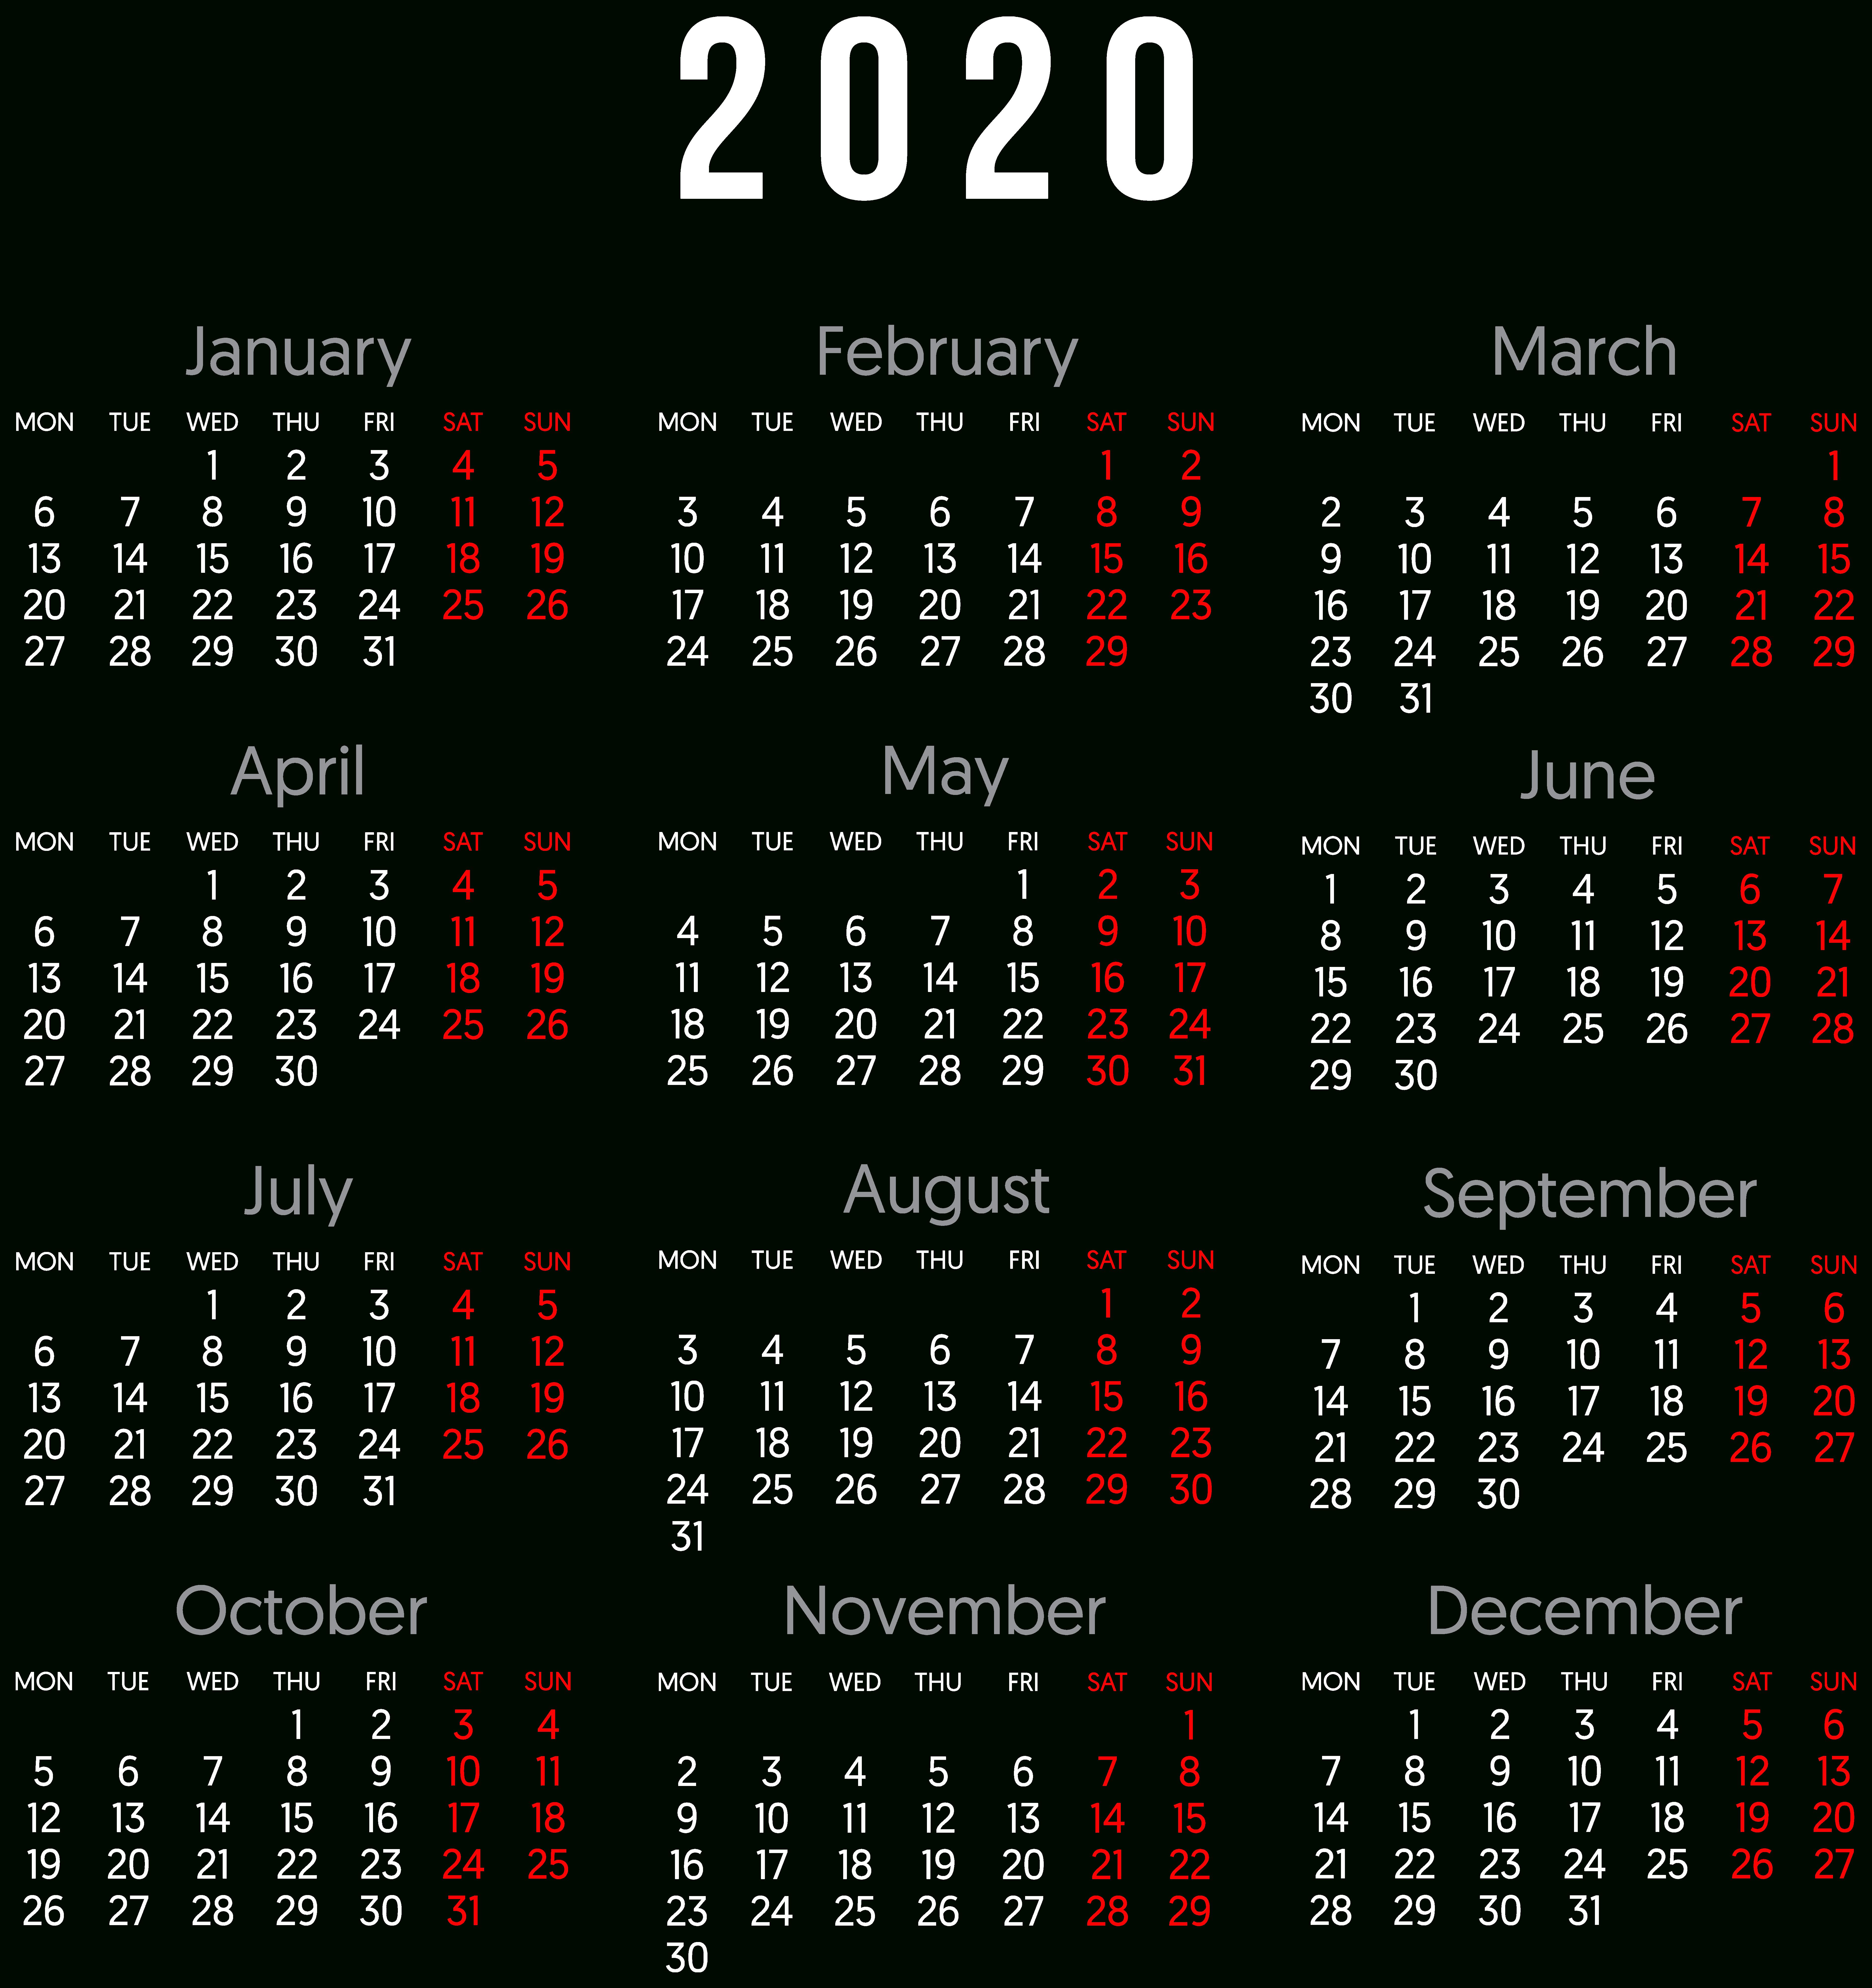 Calendar 2020 Png Images Transparent Free Download | Pngmart inside November Calendar 2020 Transparent